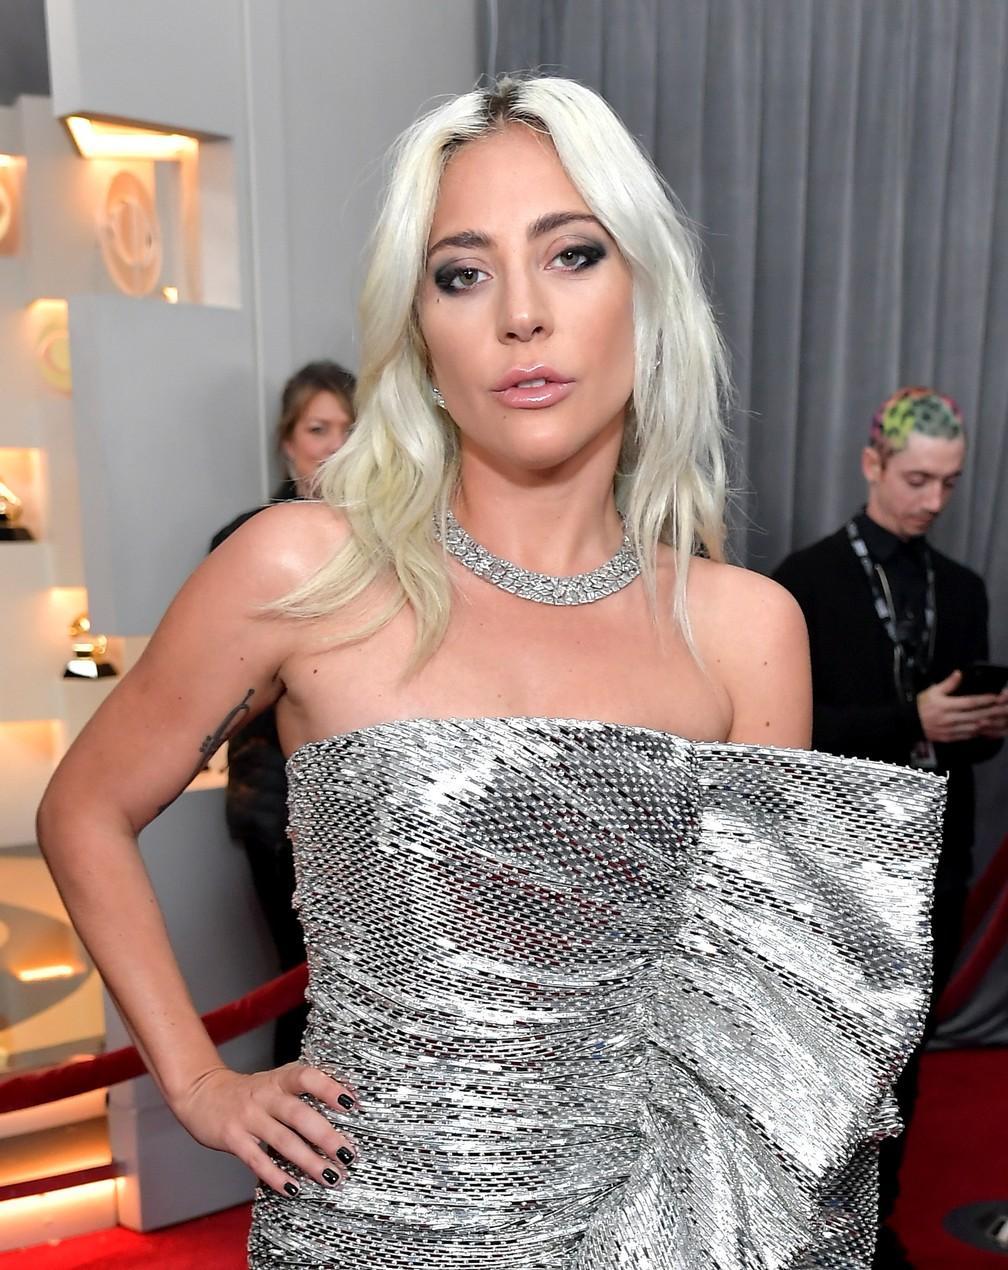 A cantora Lady Gaga chega para o Grammy 2019, em Los Angeles — Foto: Neilson Barnard / GETTY IMAGES / AFP